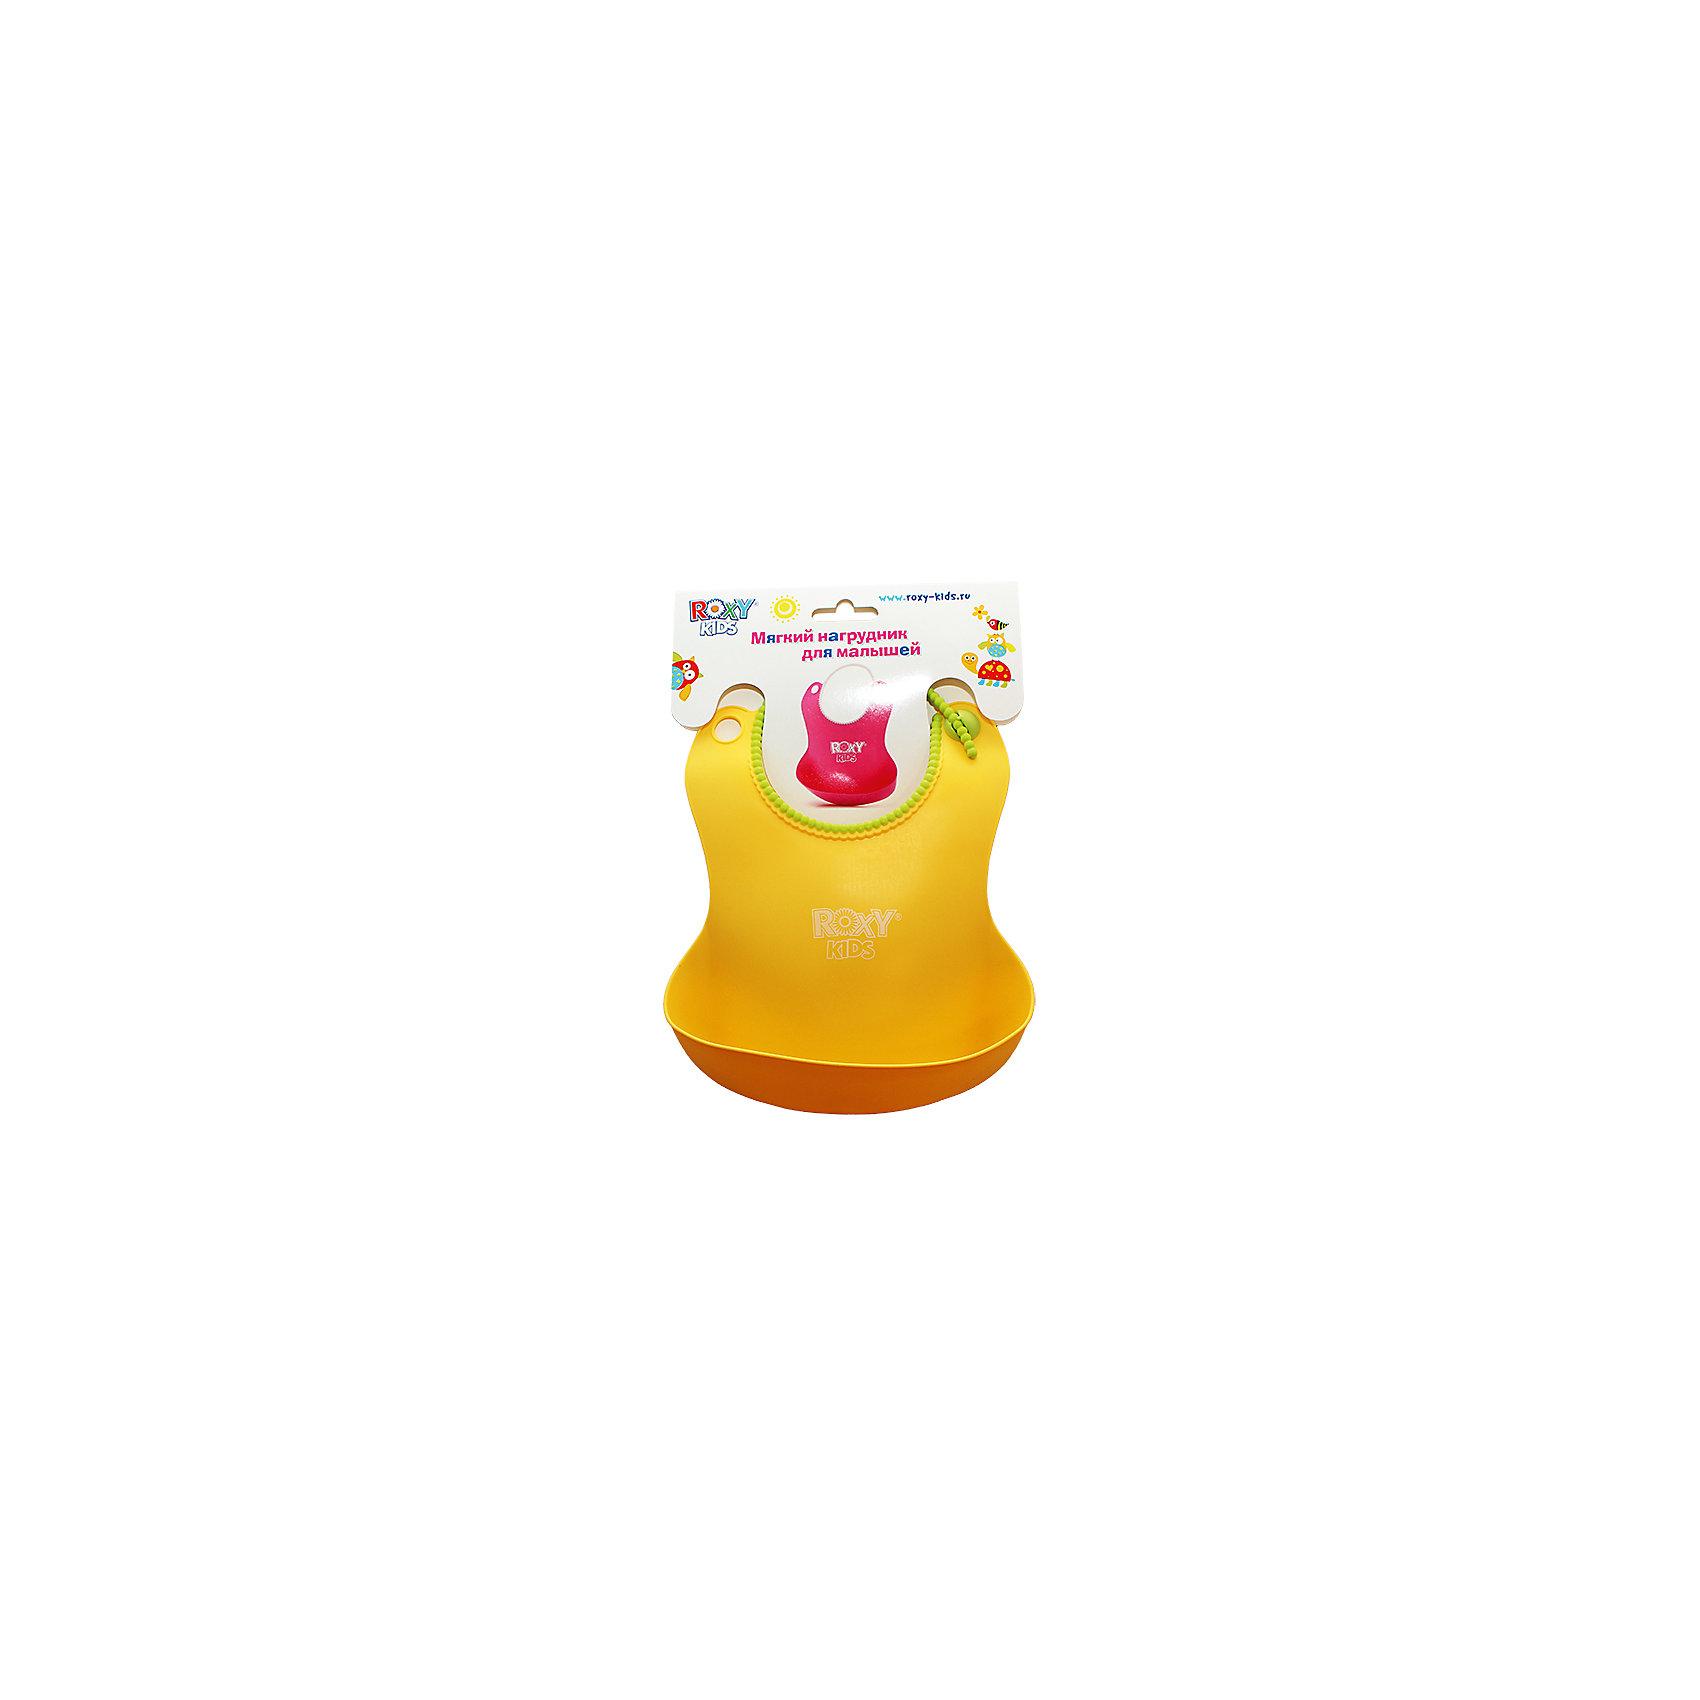 Мягкий нагрудник с кармашком, Roxy-Kids, желтыйНагрудники и салфетки<br>Дизайн Мягкого нагрудника с кармашком, Roxy-Kids (Рокси-Кидс), желтый продуман таким образом, чтобы обеспечить максимальное удобство и комфорт при его использовании маме и малышу. Он сделан из пластичного и приятного на ощупь материала, который не натирает и не царапает нежную кожу ребенка, а удобные застежки сзади позволяют регулировать степень прилегания нагрудника к шее ребенка. <br><br>Характеристики:<br>-Цвет: желтый<br>-Имеет специальный кармашек для крошек<br>-Легко моется мыльным раствором<br>-Устойчивость к запахам<br><br>Дополнительная информация:<br>-Материал: полиэстат<br>-Размер горловины: 19-30 см<br>-Вес в упаковке: 100 г<br>-Размеры в упаковке (ДхШхВ): 270х210х50 мм<br><br>Нагрудник Рокси-Кидс, желтый – стильный и нужный аксессуар в процессе кормления Вашего малыша!<br><br>Мягкий нагрудник с кармашком, Roxy-Kids (Рокси-Кидс), желтый можно купить в нашем магазине.<br><br>Ширина мм: 270<br>Глубина мм: 210<br>Высота мм: 50<br>Вес г: 100<br>Цвет: желтый<br>Возраст от месяцев: 6<br>Возраст до месяцев: 36<br>Пол: Унисекс<br>Возраст: Детский<br>SKU: 4026290